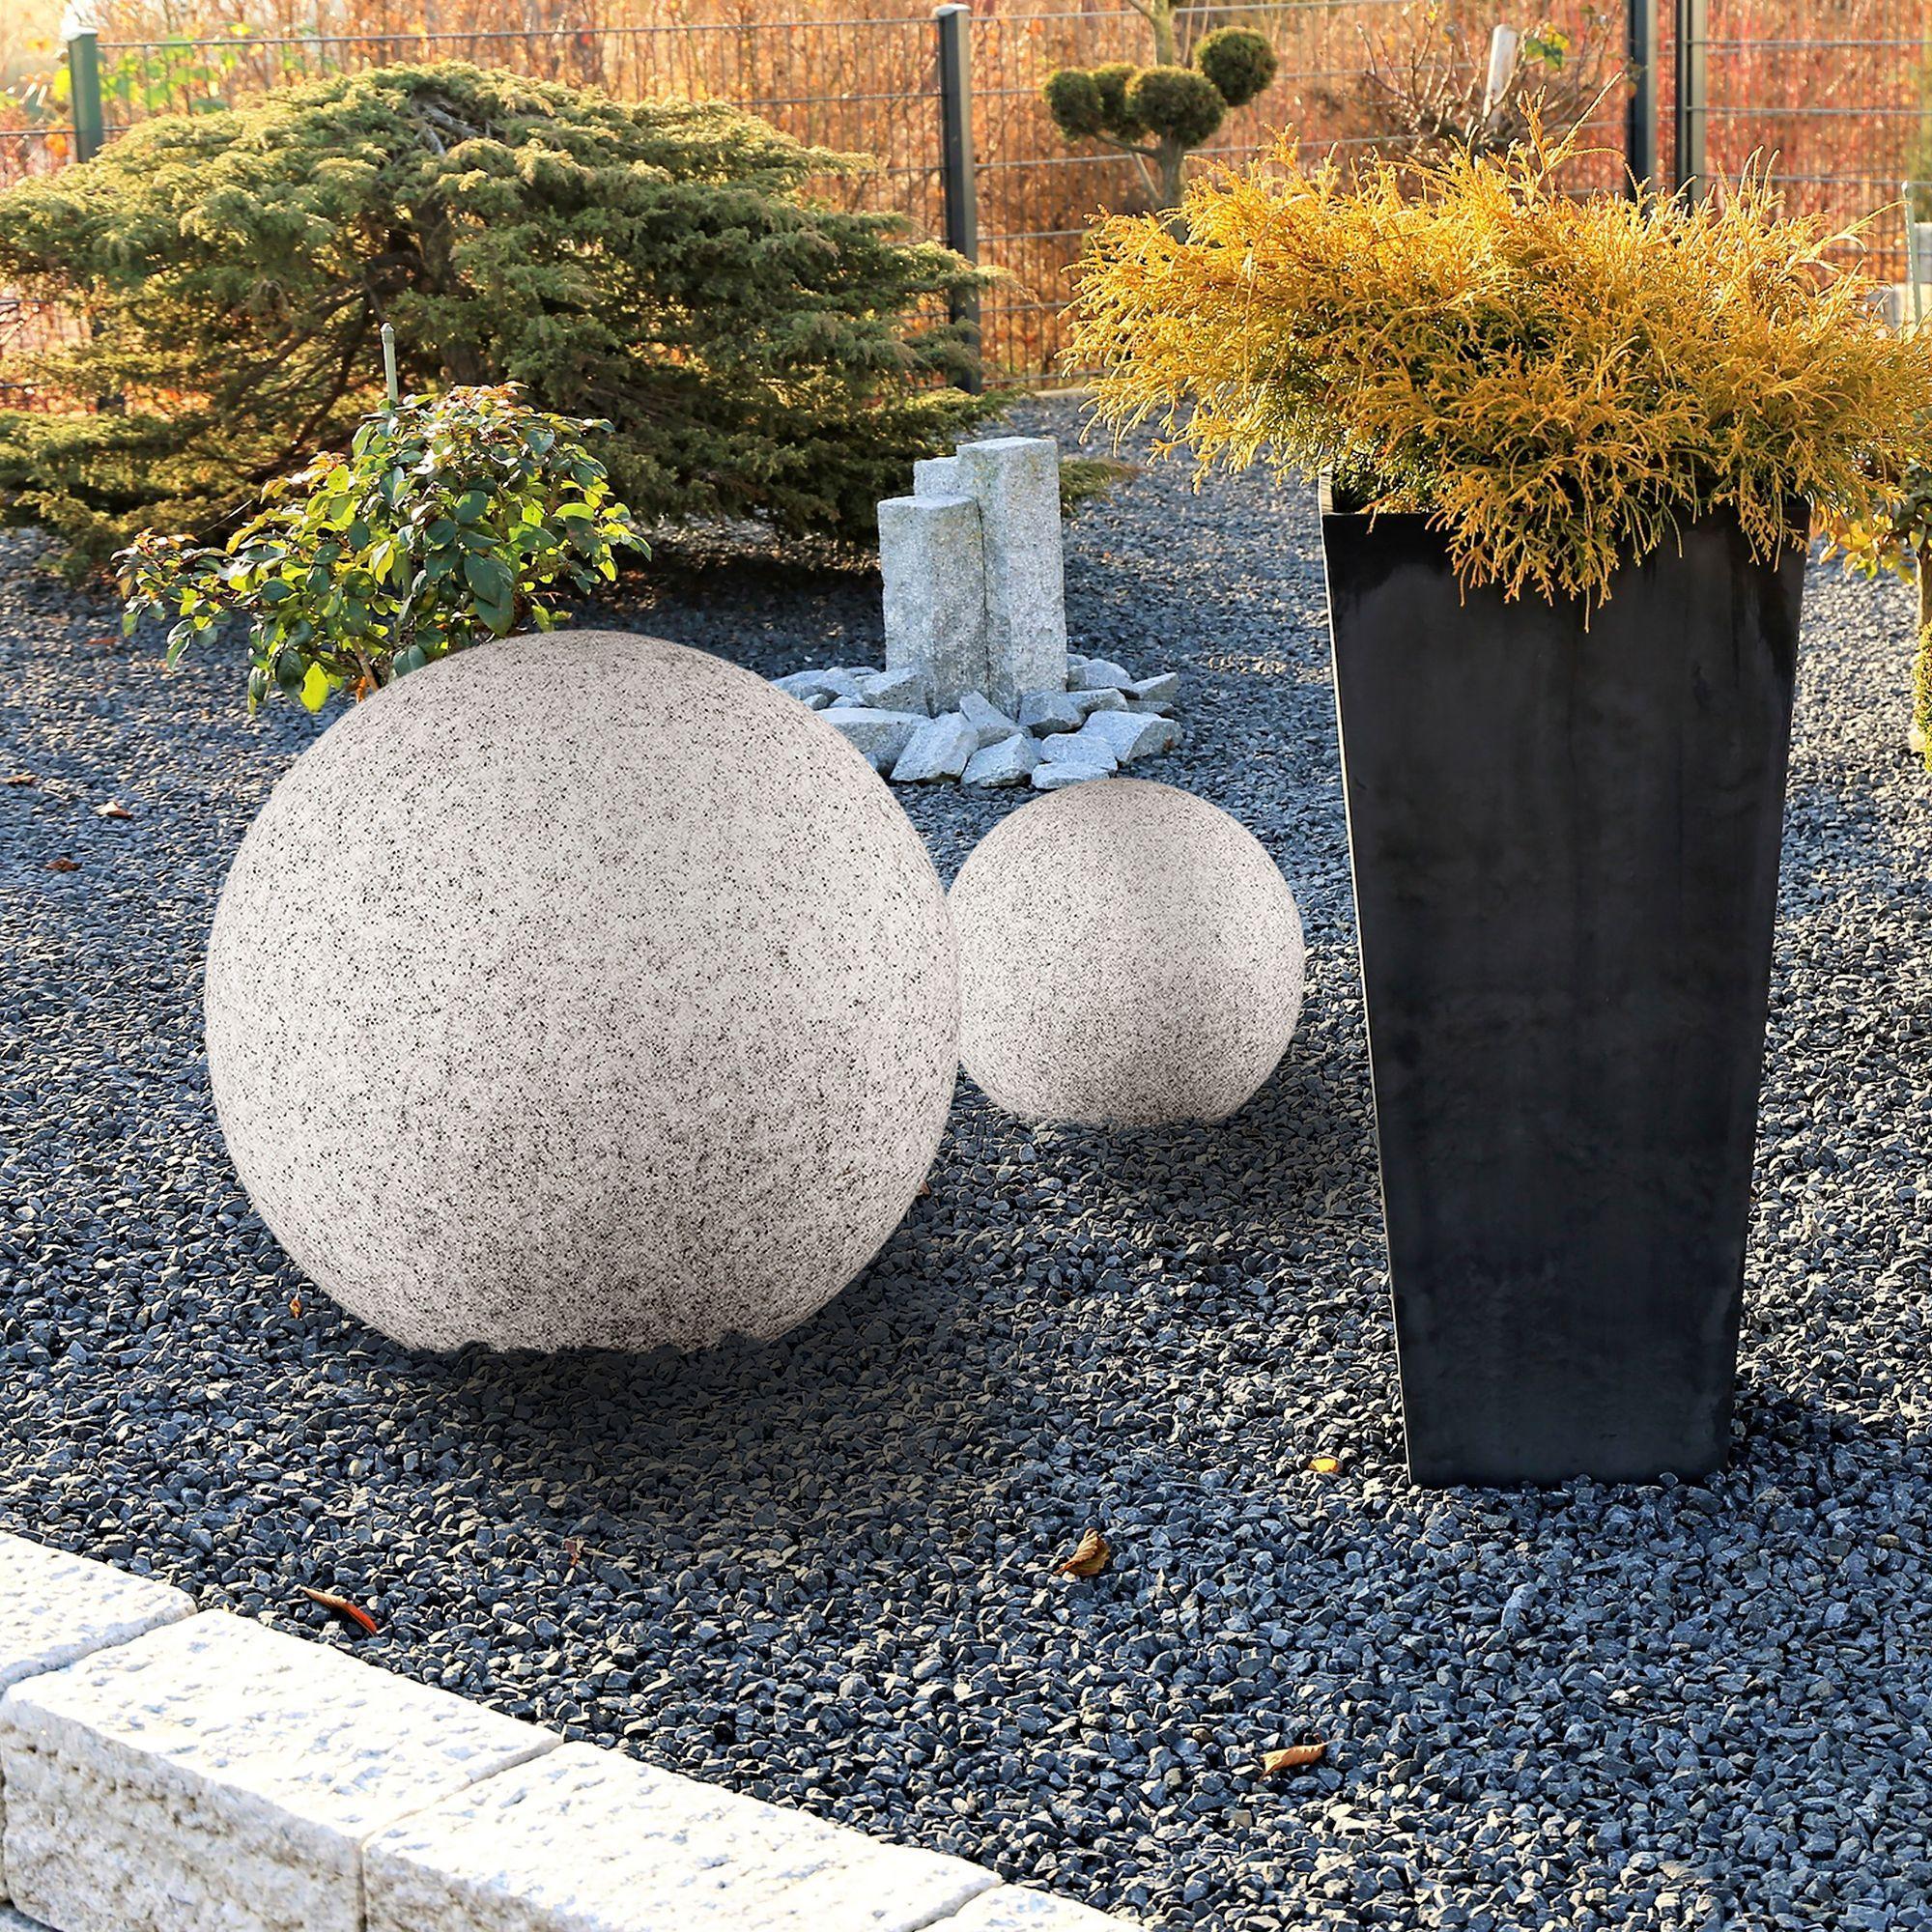 Leuchtkugel Gartenleuchte Stono 20 N Ip65 Inkl E27 Led Osram 10w Und 3m Kabel O 20cm E27 Led Led Beautiful Gardens